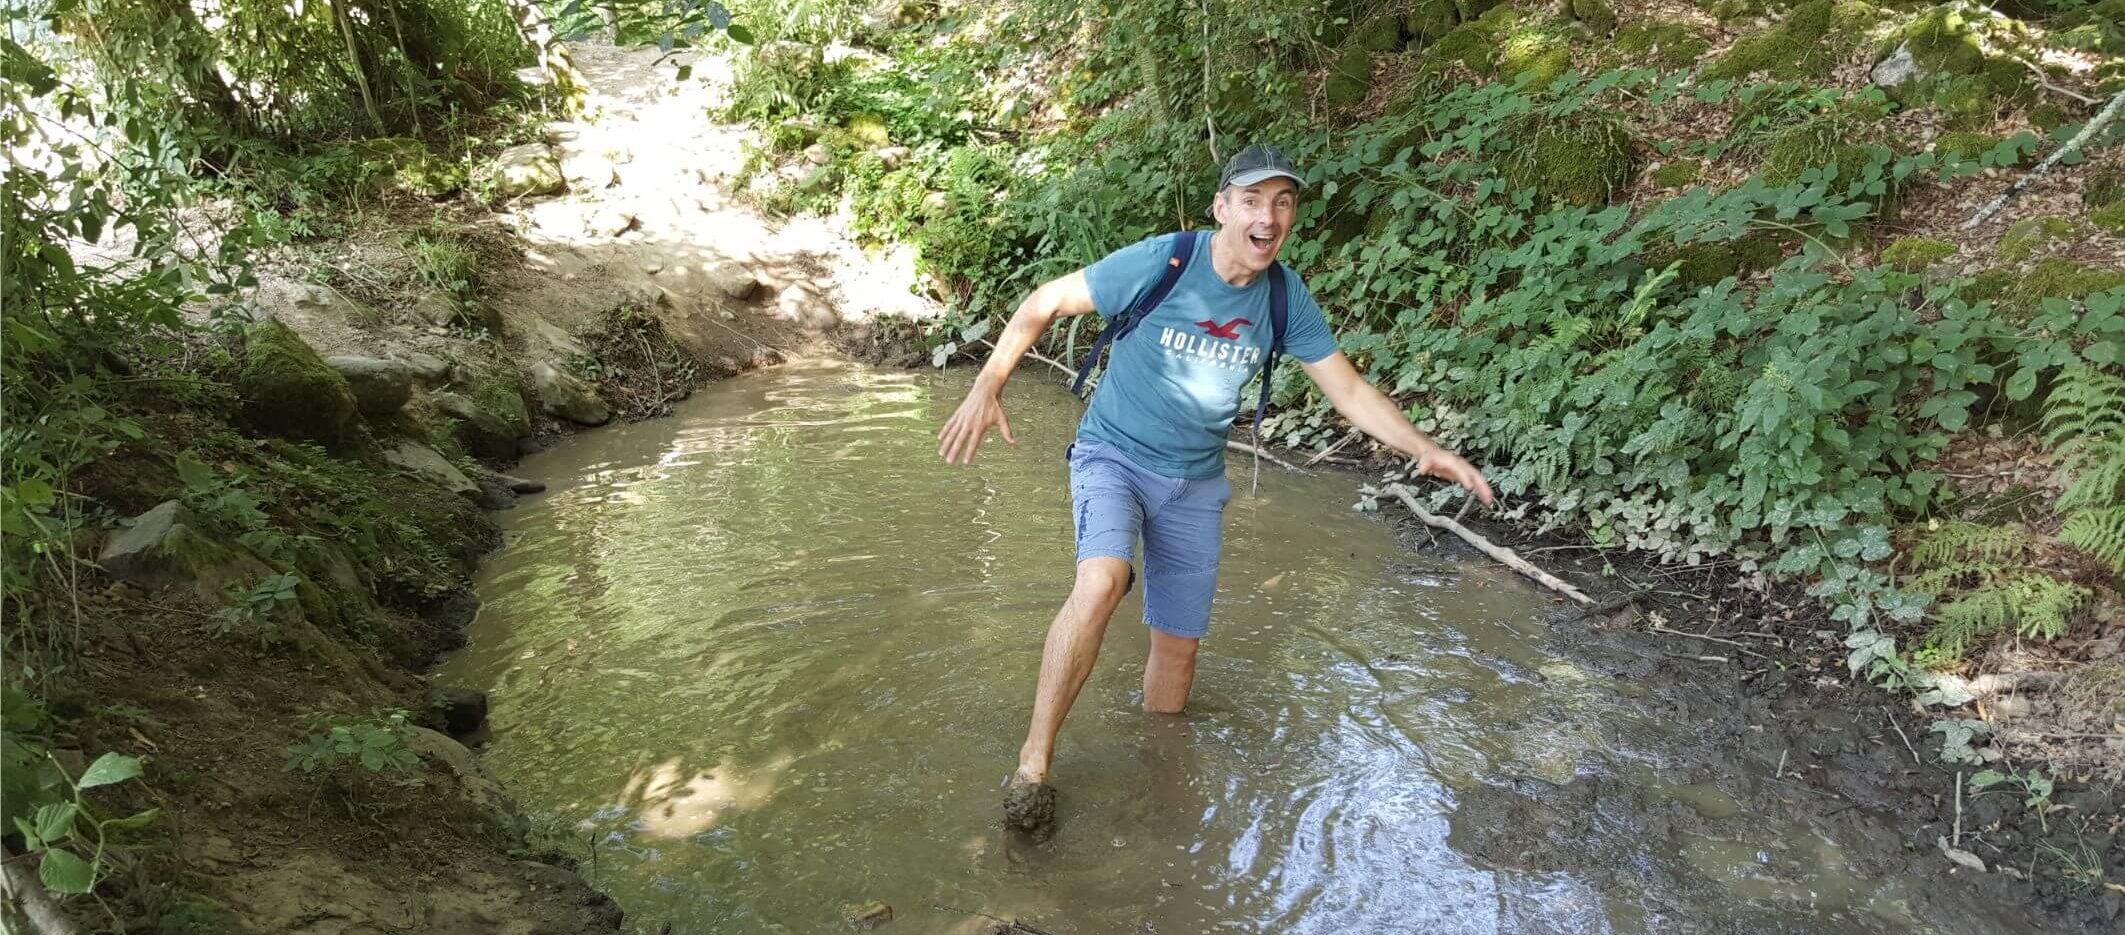 Sentier pieds nus La Ferme Aventure dans les Vosges dans la boue Damien Herbreteau weekend we end-end